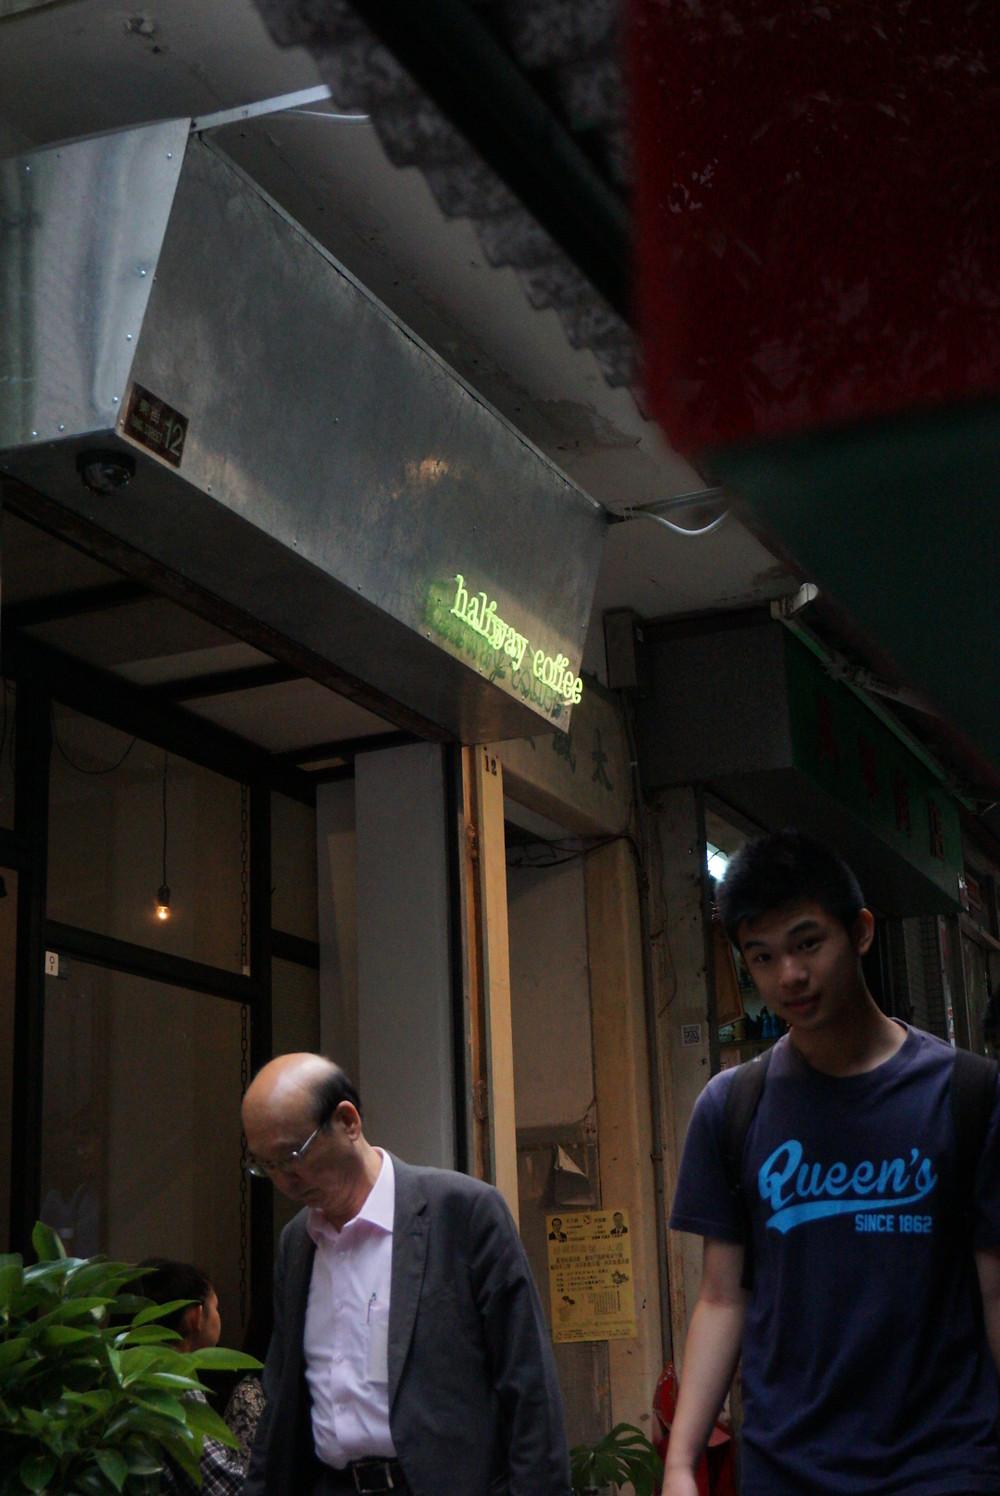 東街的兩旁有很多特式的排檔攤,很多外國人都喜歡在這裡逛逛